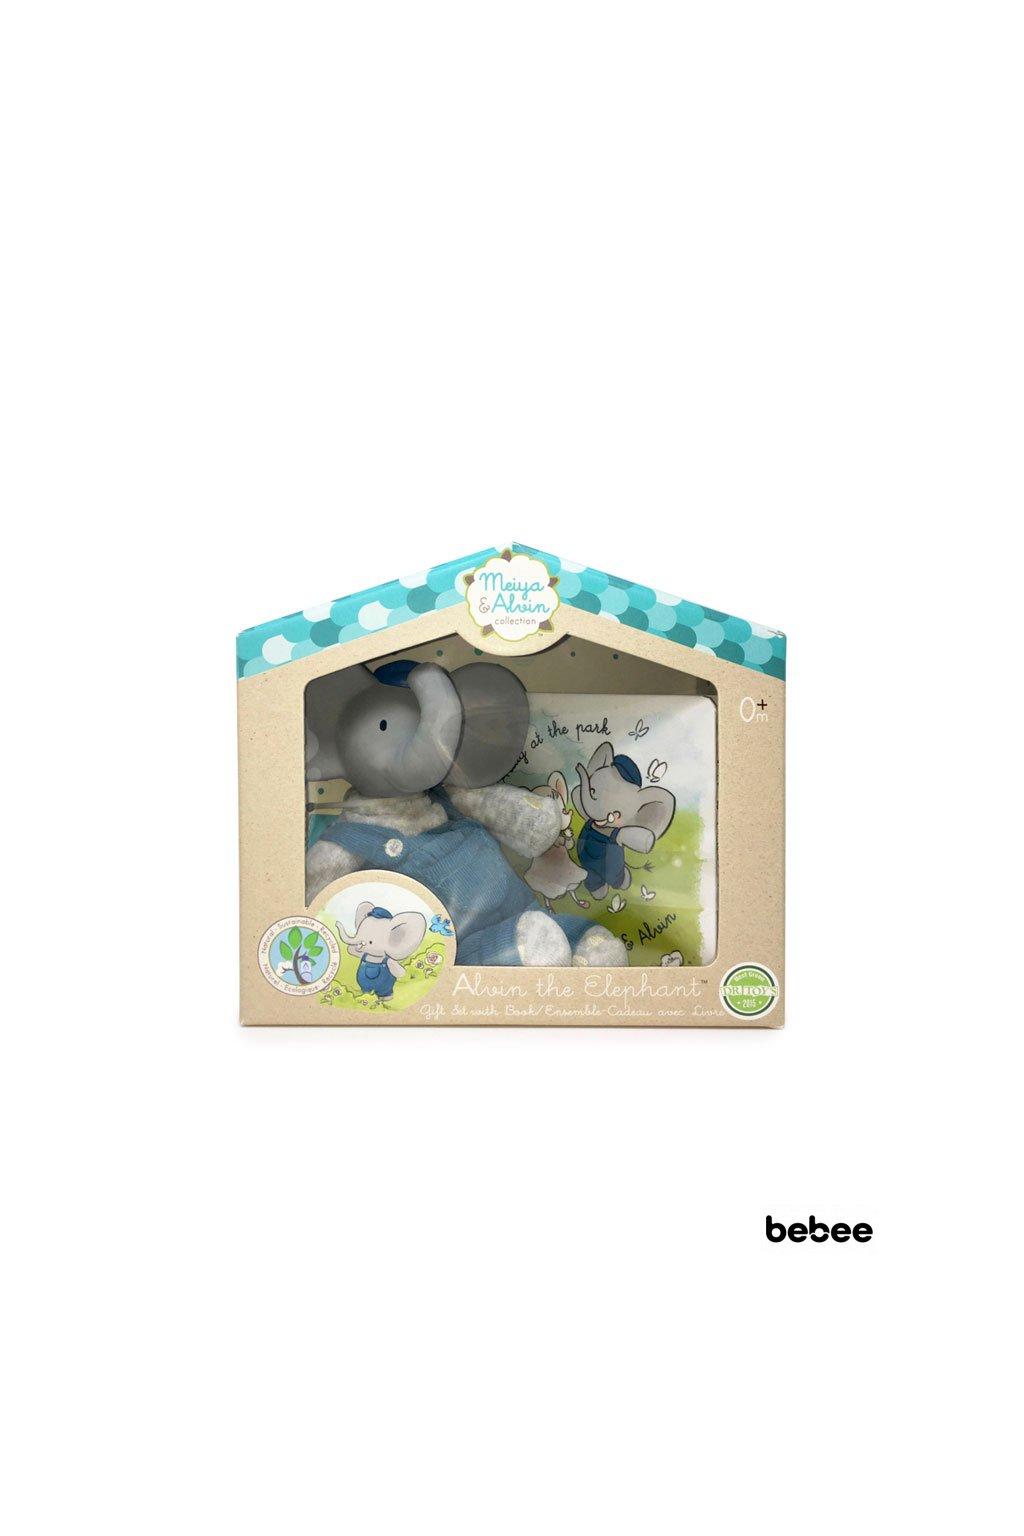 Darcekovy set knizka hracka slonik alvin Meiya&Alvin